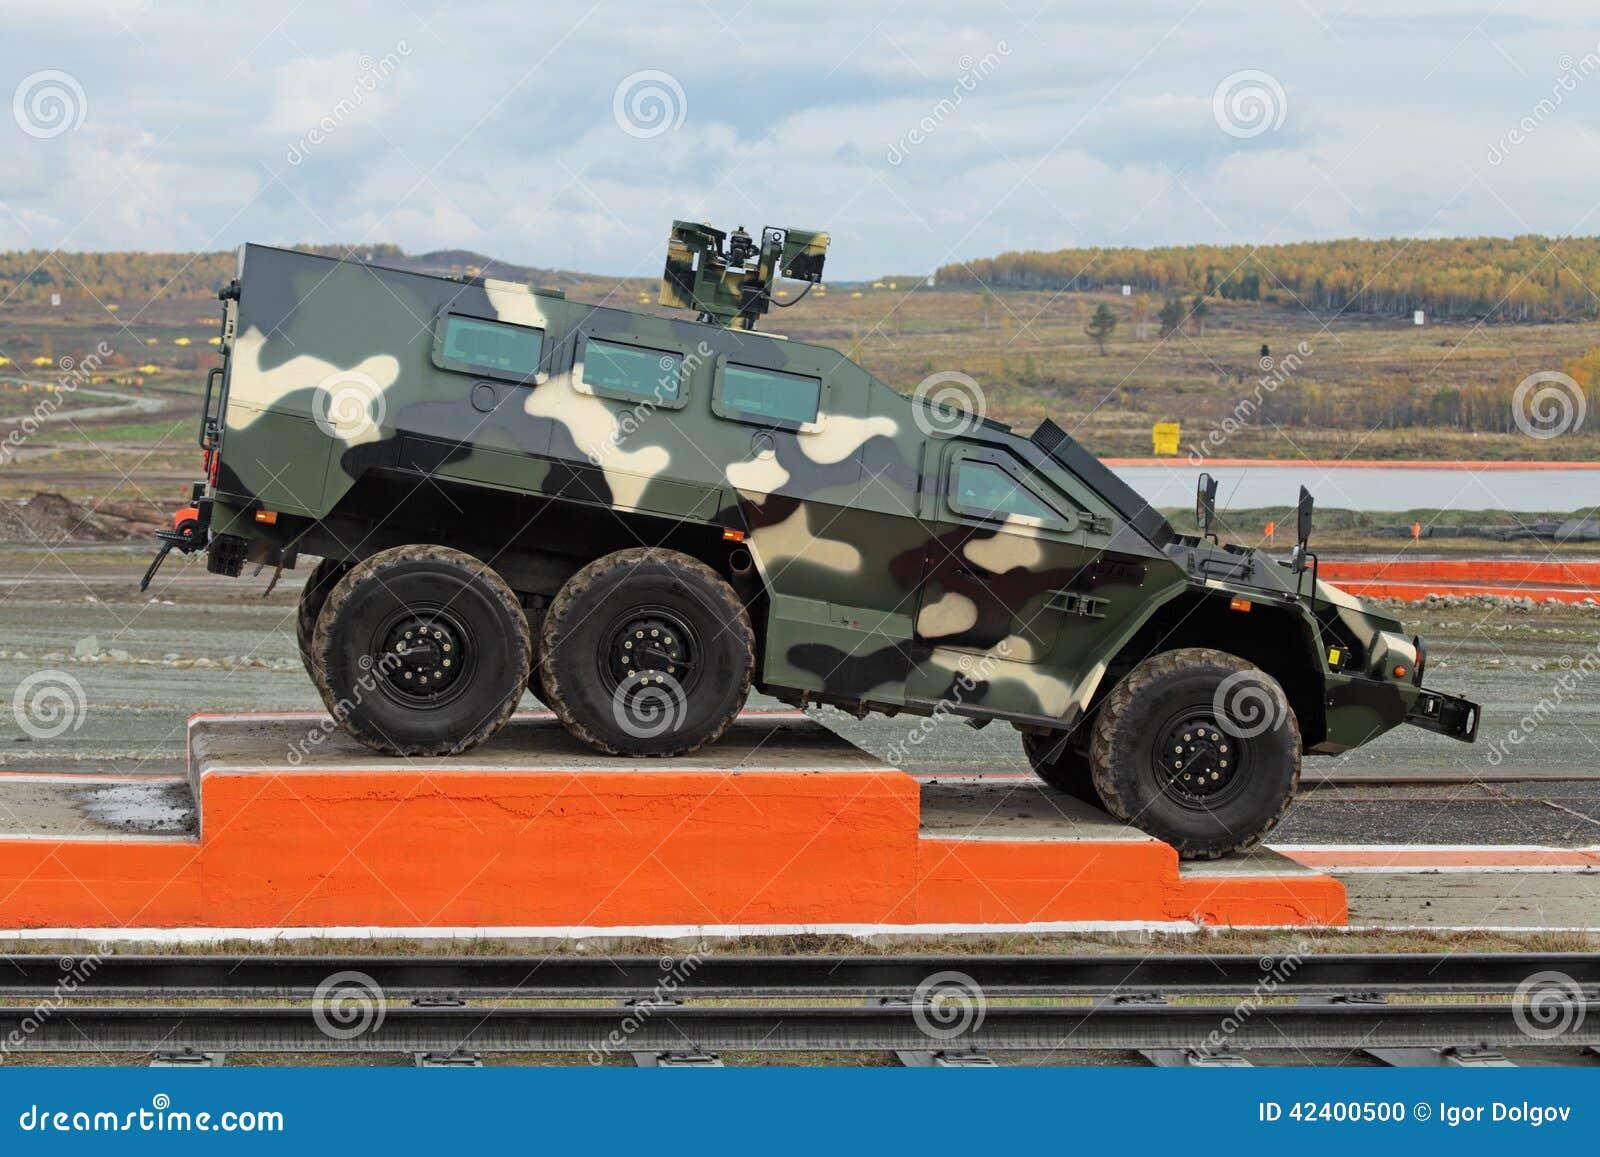 Международная выставка вооружения и военно-технического имущества kadex-2012